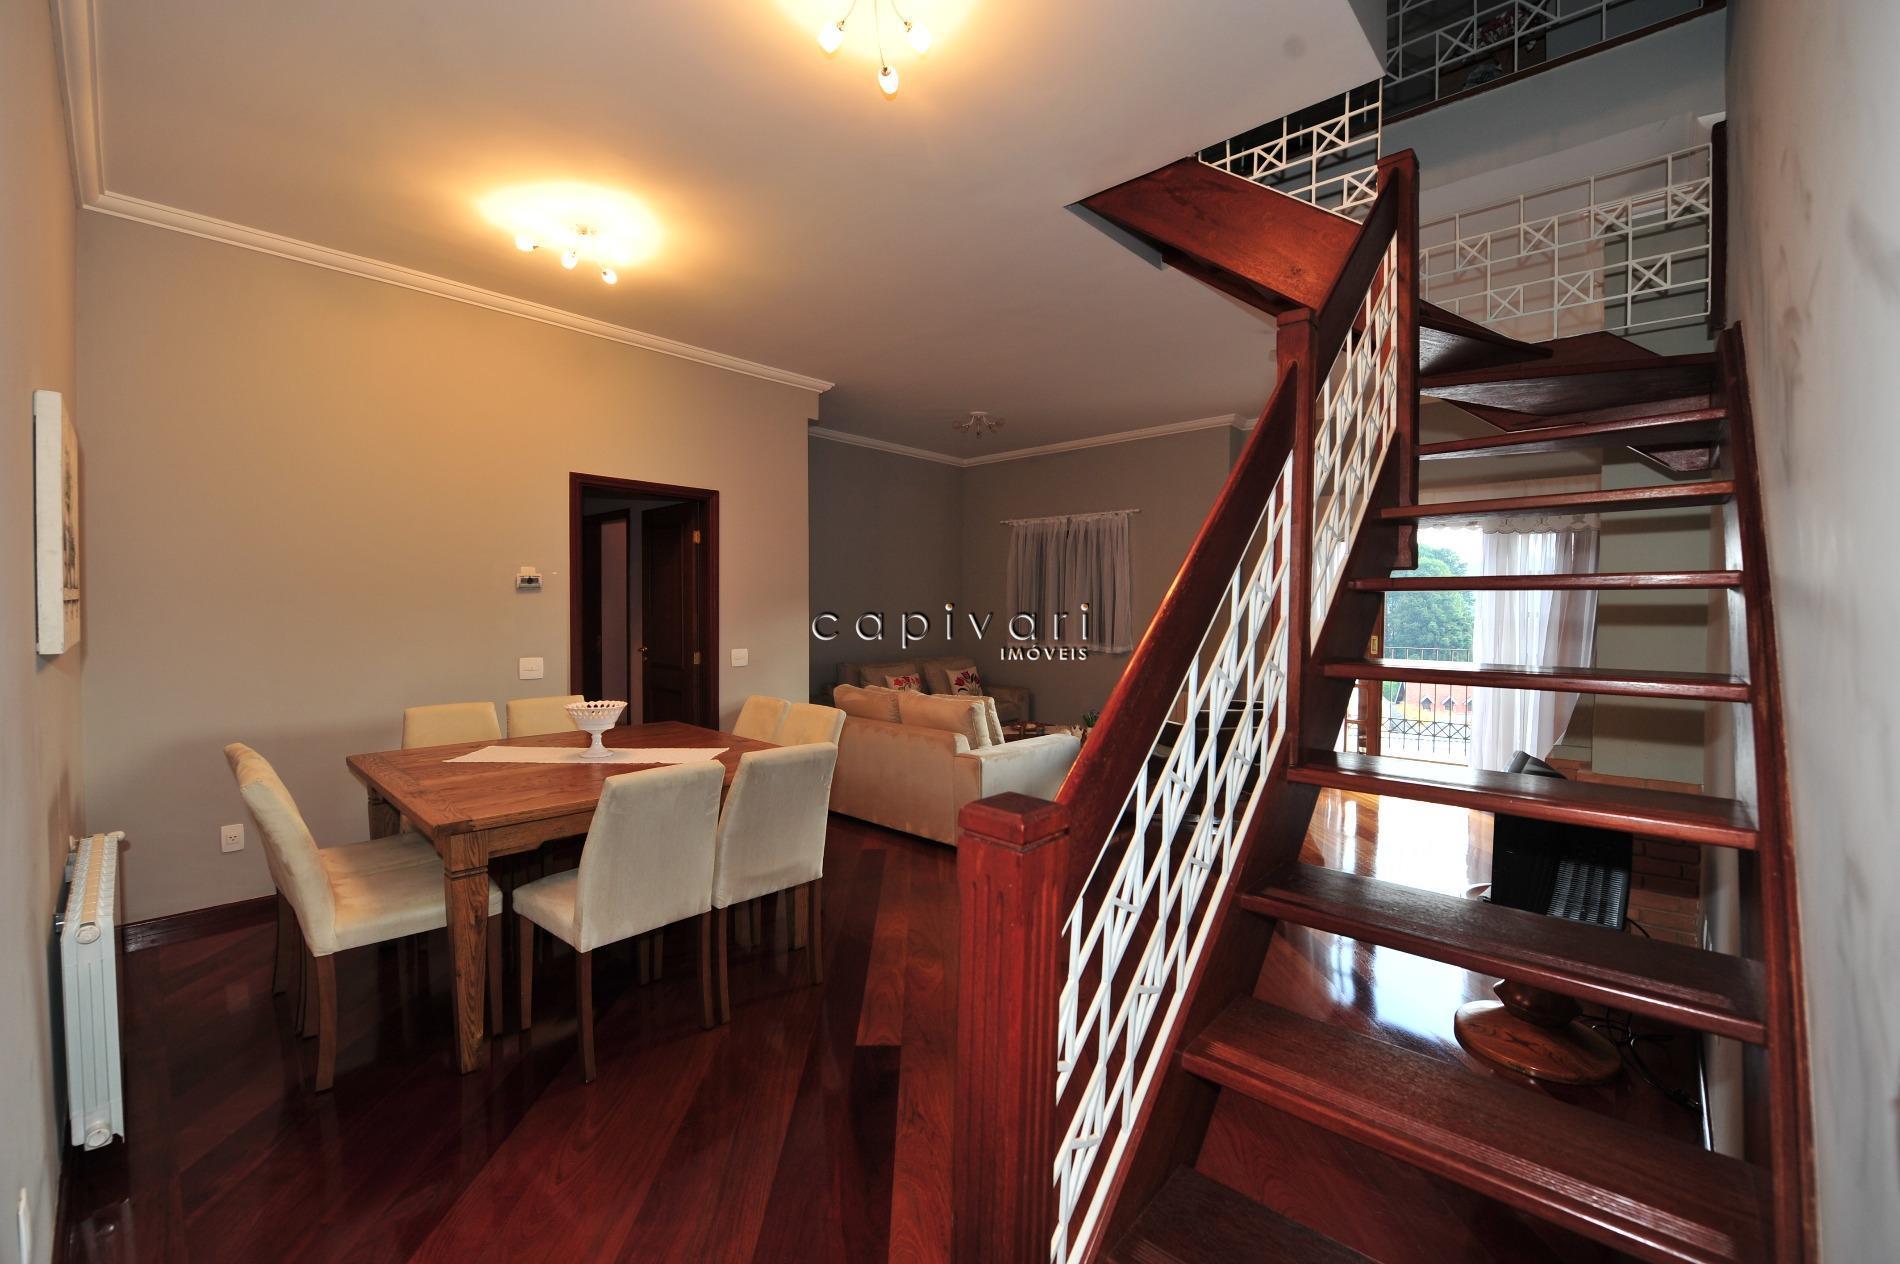 Apartamento residencial à venda, Capivari, Campos do Jordão.